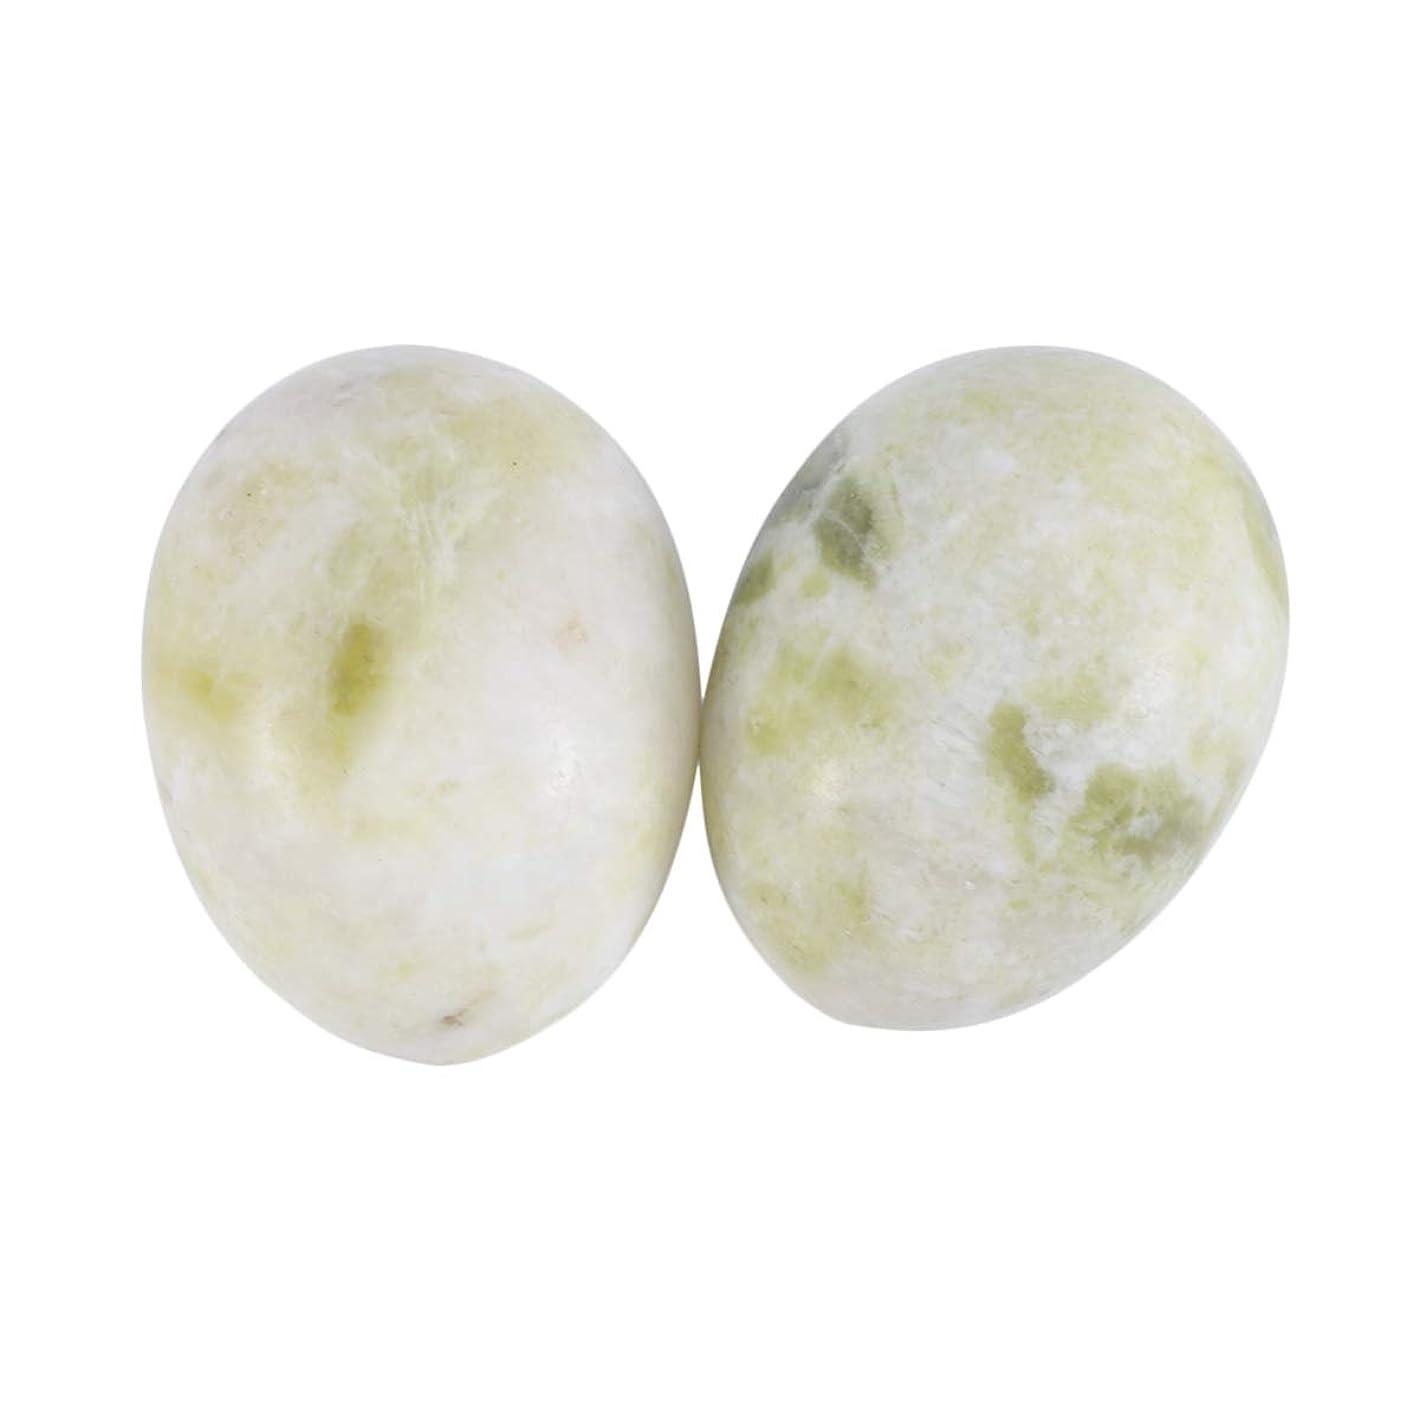 初期のお香血SUPVOX 6本ネフライトジェイドヨニエッグジェイドヨニマッサージストーンチャクラ骨盤筋肉癒しの卵マッサージケゲルエクササイズ(Lantian Jade Egg)